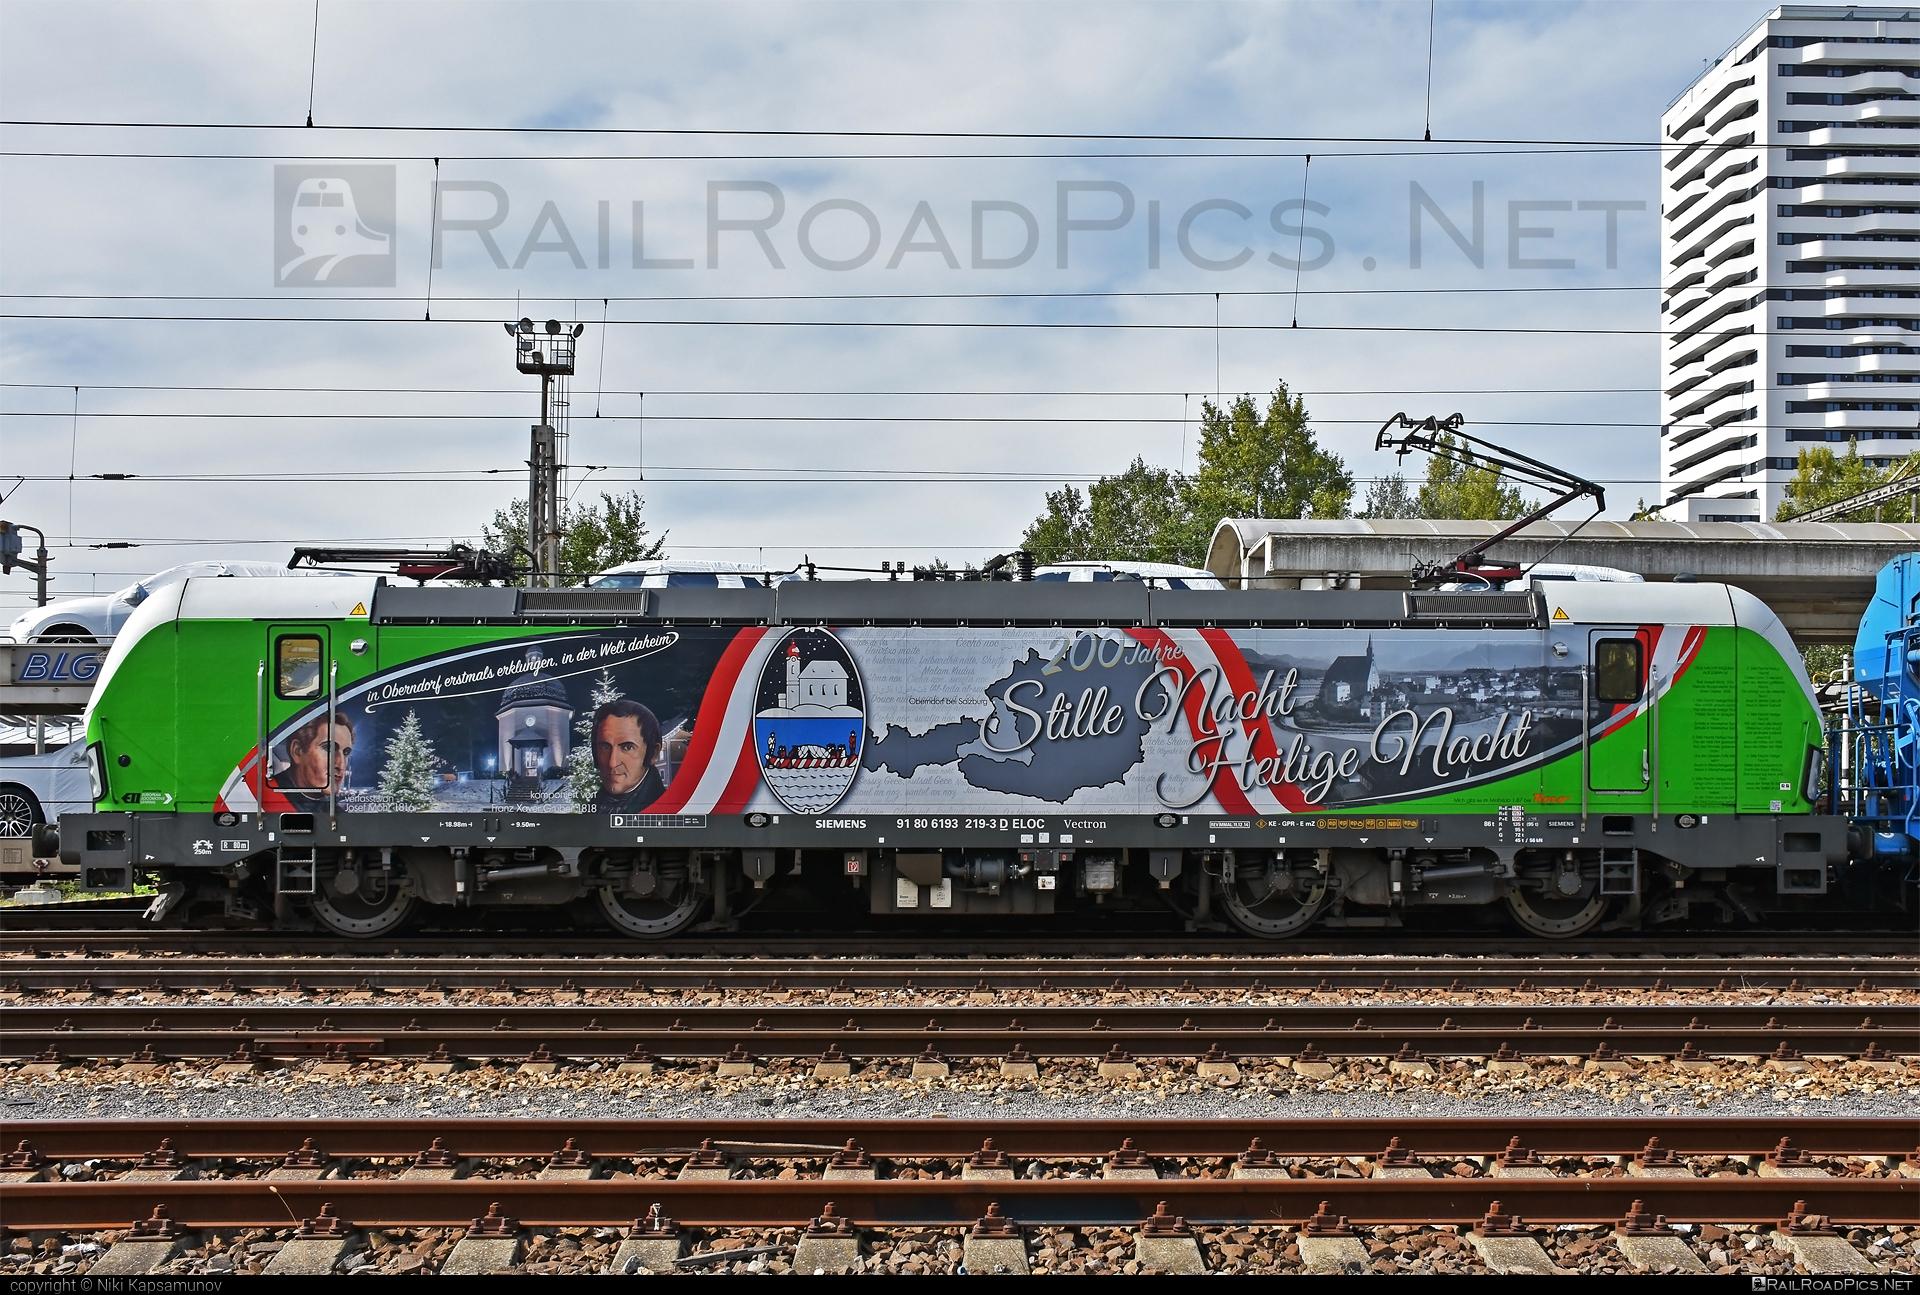 Siemens Vectron AC - 193 219 operated by Salzburger Eisenbahn Transportlogistik GmbH #SalzburgerEisenbahnTransportlogistik #SalzburgerEisenbahnTransportlogistikGmbH #ell #ellgermany #eloc #europeanlocomotiveleasing #setg #siemens #siemensvectron #siemensvectronac #vectron #vectronac